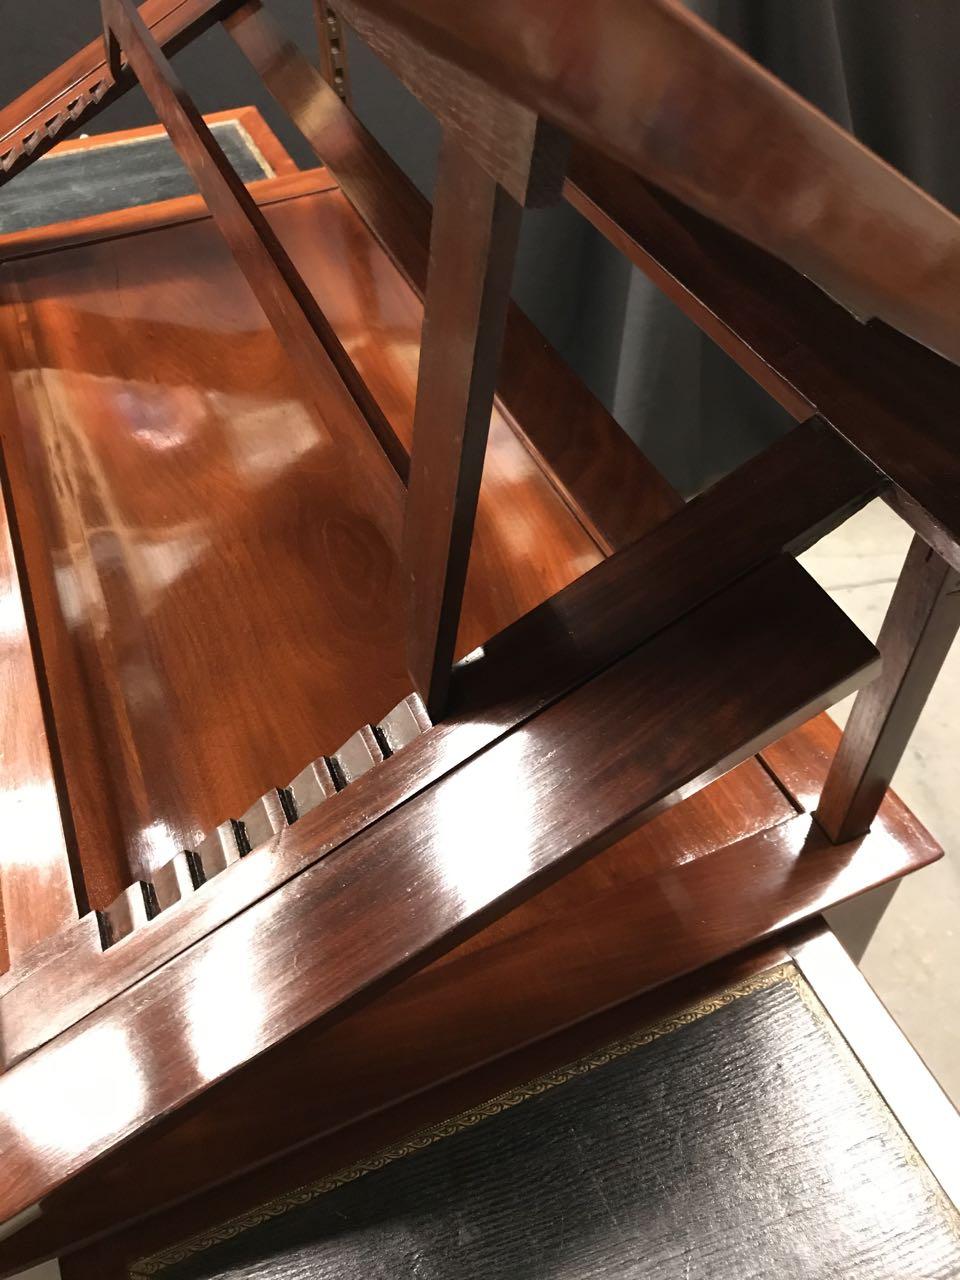 table dArchitecte dite à la Tronchin Epoque Louis XVI de forme rectangulaire en acajou et placage dacajou 22Atelier Patrice Bricout Marcq en Baroeul | Atelier Patrice Bricout